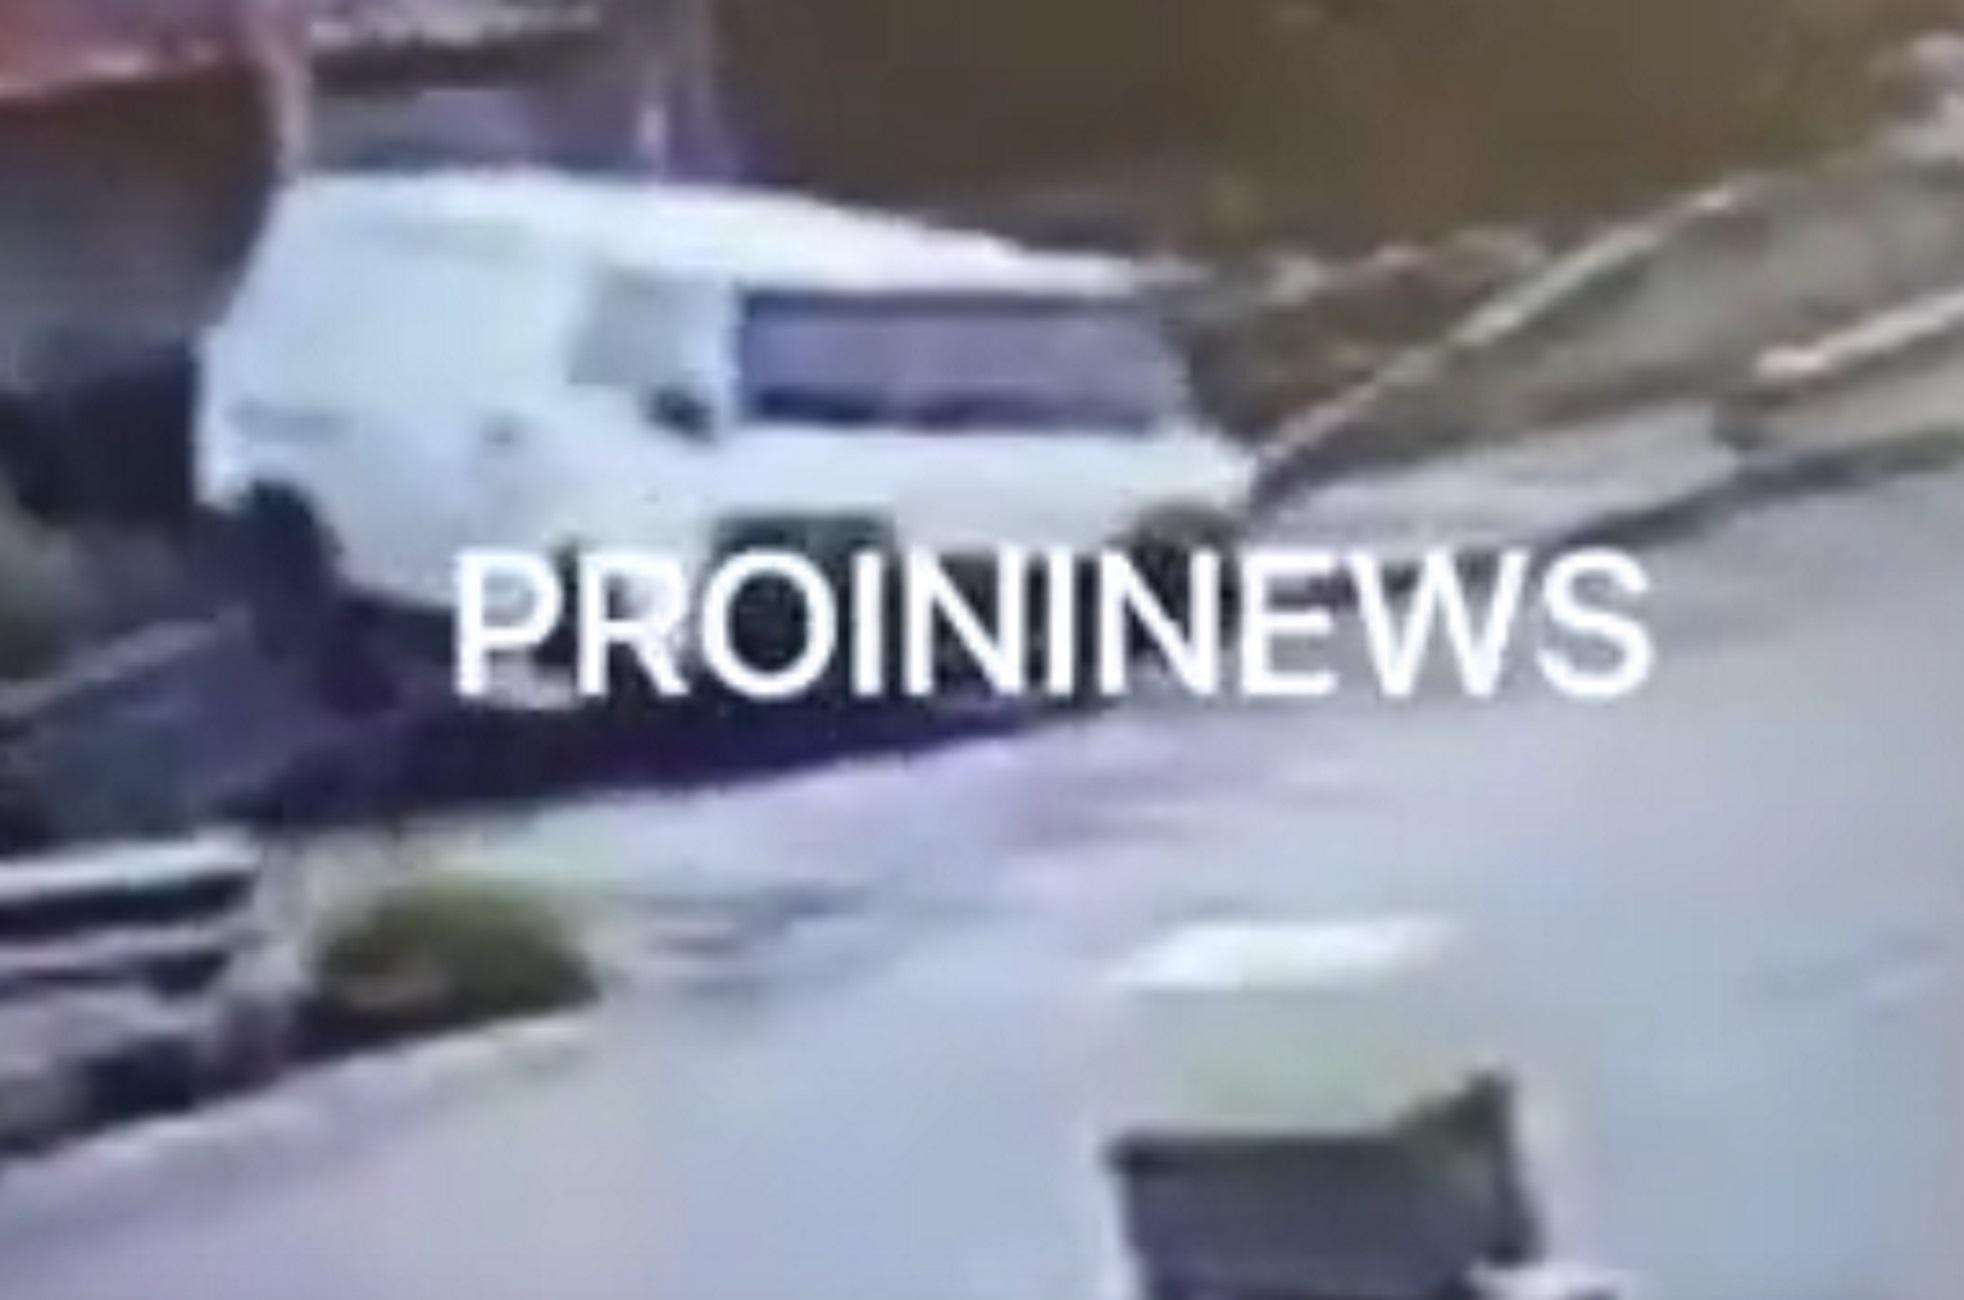 Καβάλα: Βίντεο ντοκουμέντο με την «τρελή» πορεία λευκού φορτηγού που καταλήγει σε στέγη σπιτιού